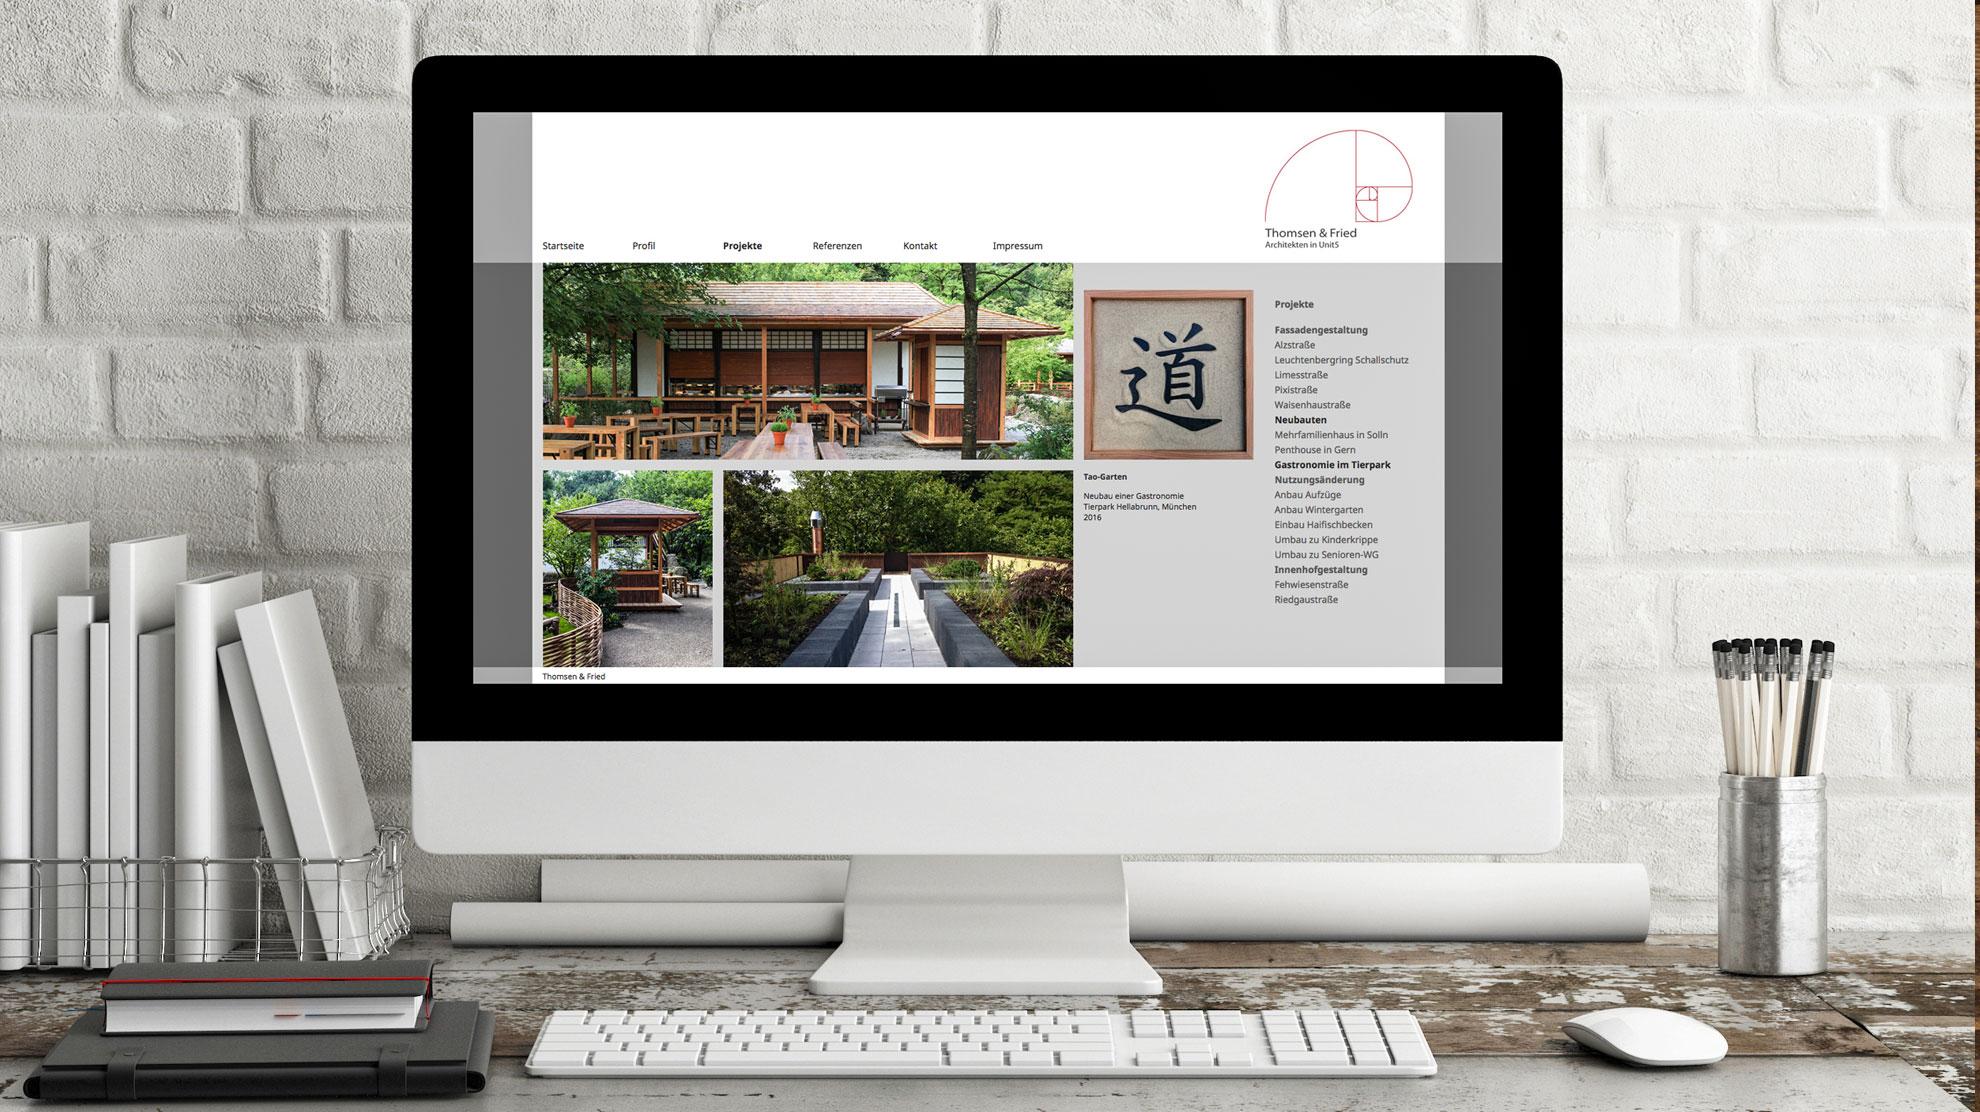 Webseite für das Architekturbüro Thomsen und Fried